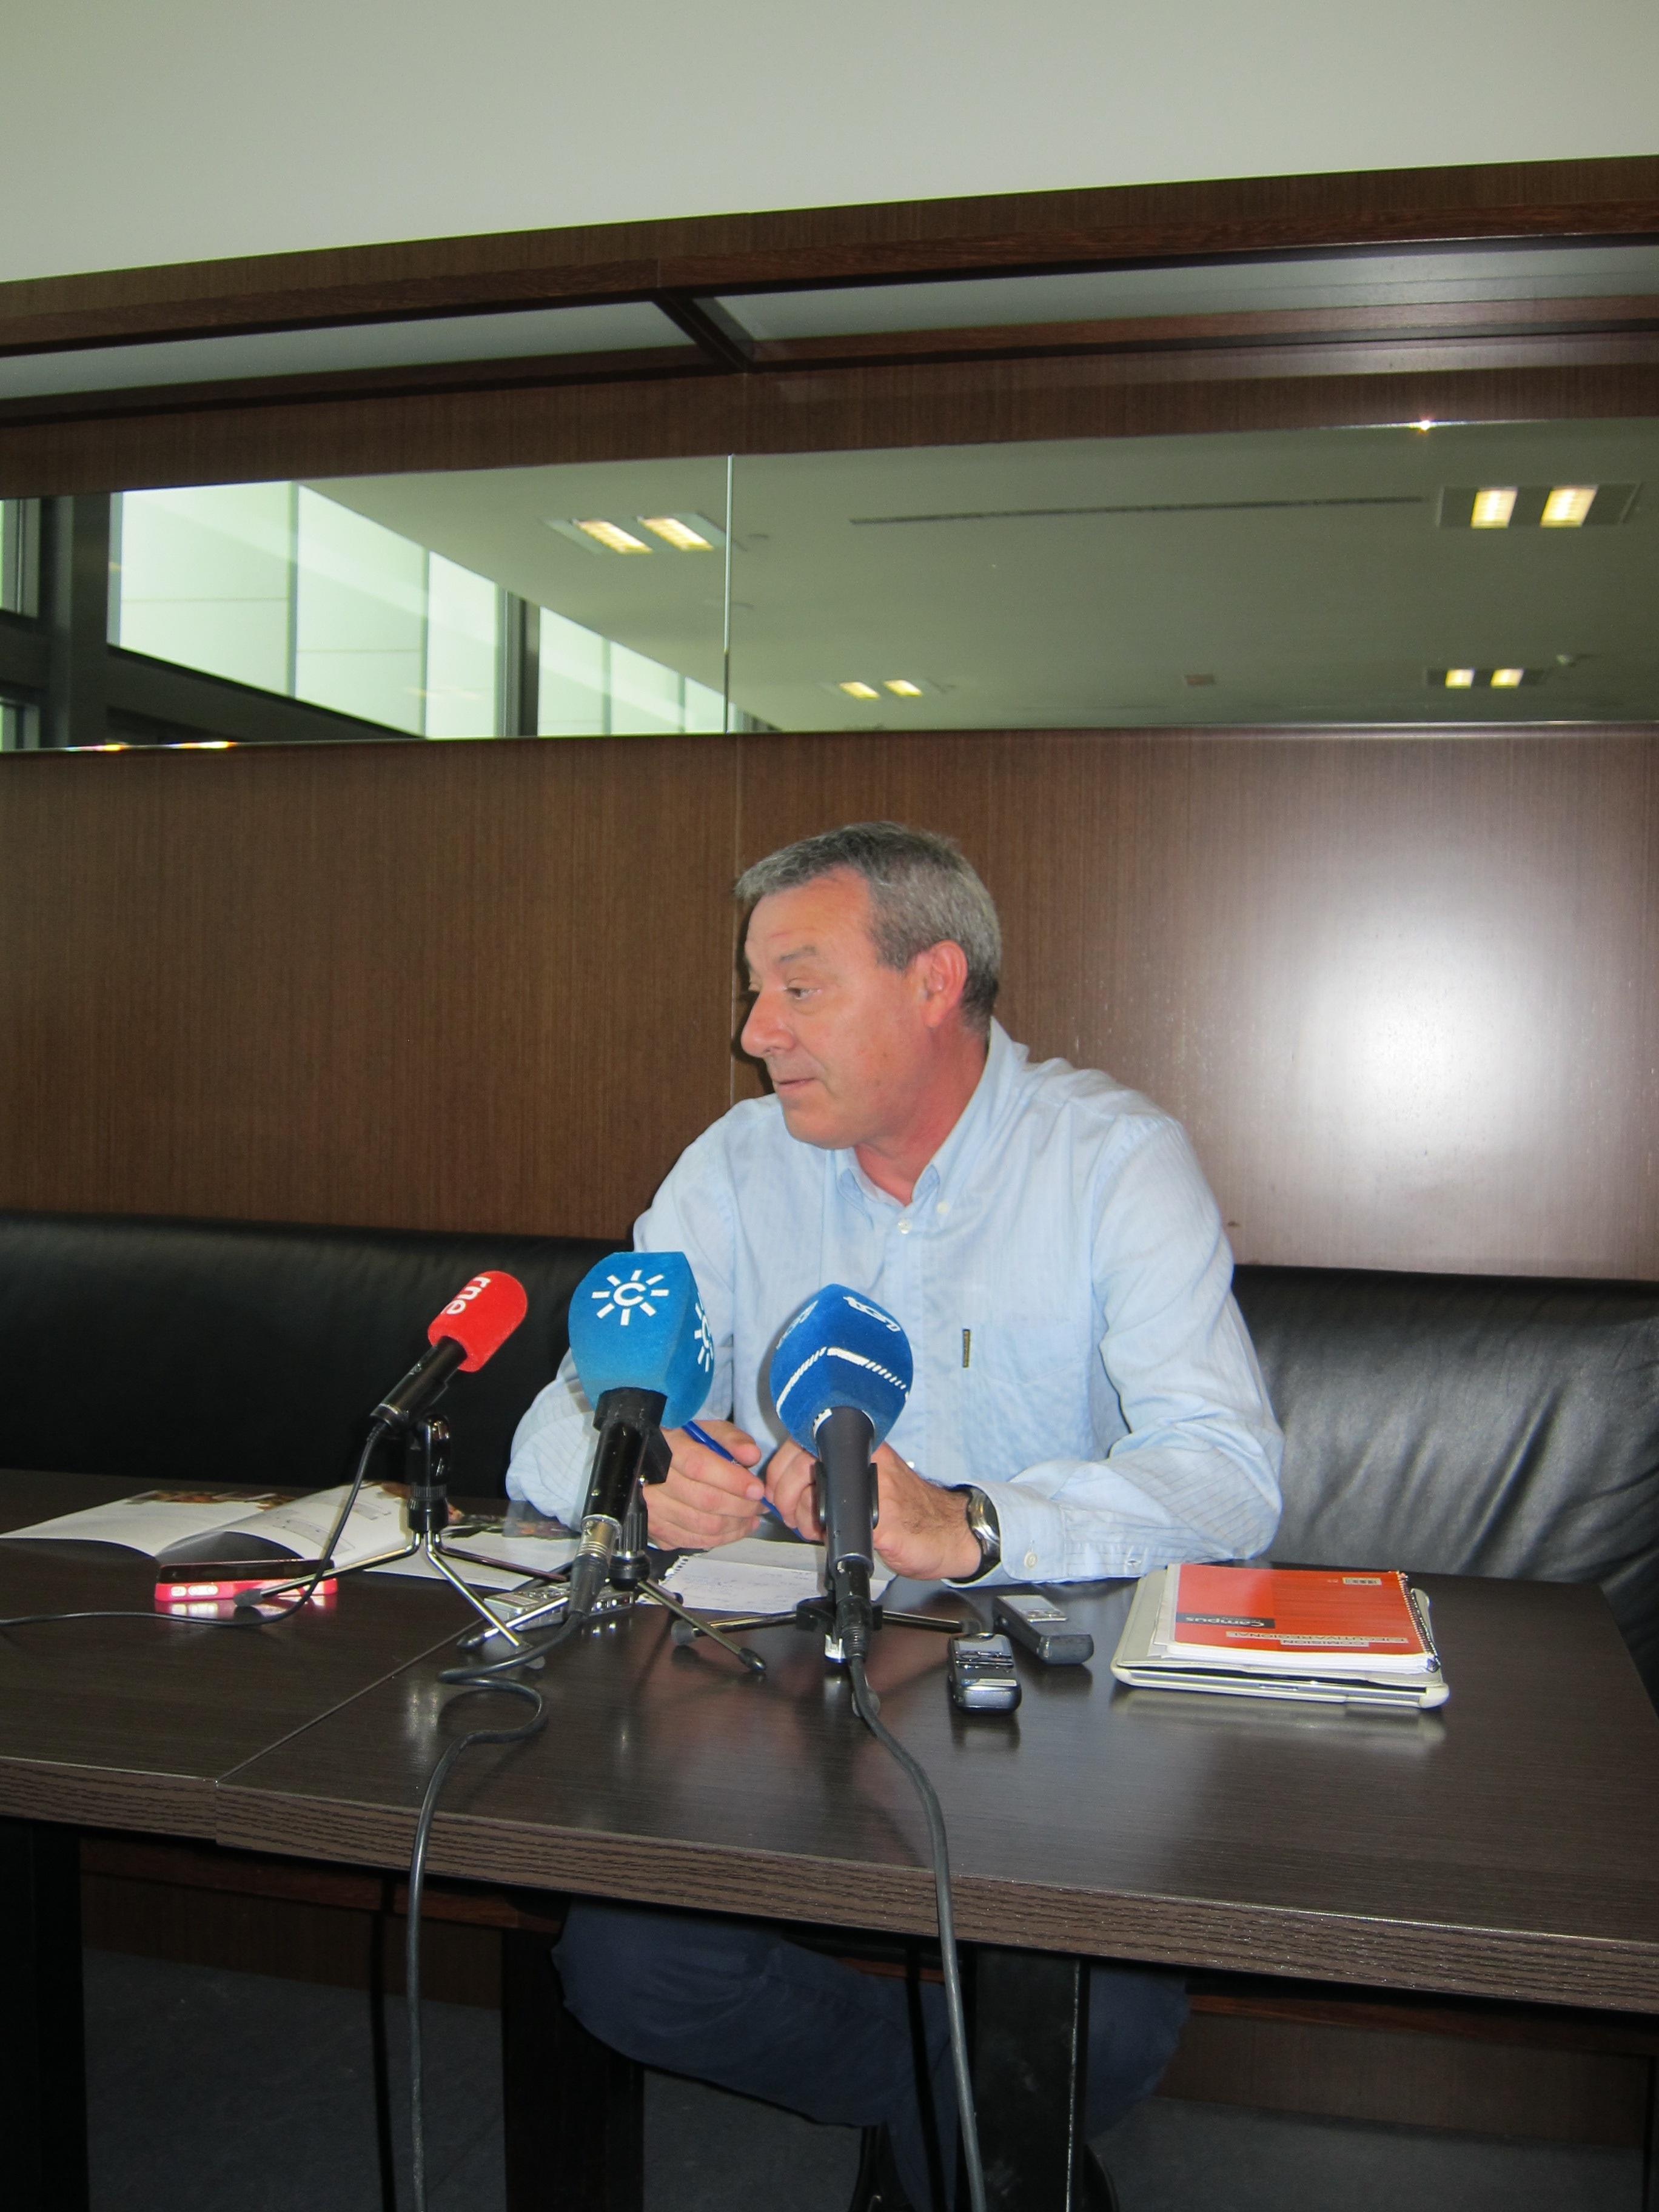 De la Chica (PSOE-A) expresa su apoyo a Díaz si decide optar a las primarias del PSOE-A